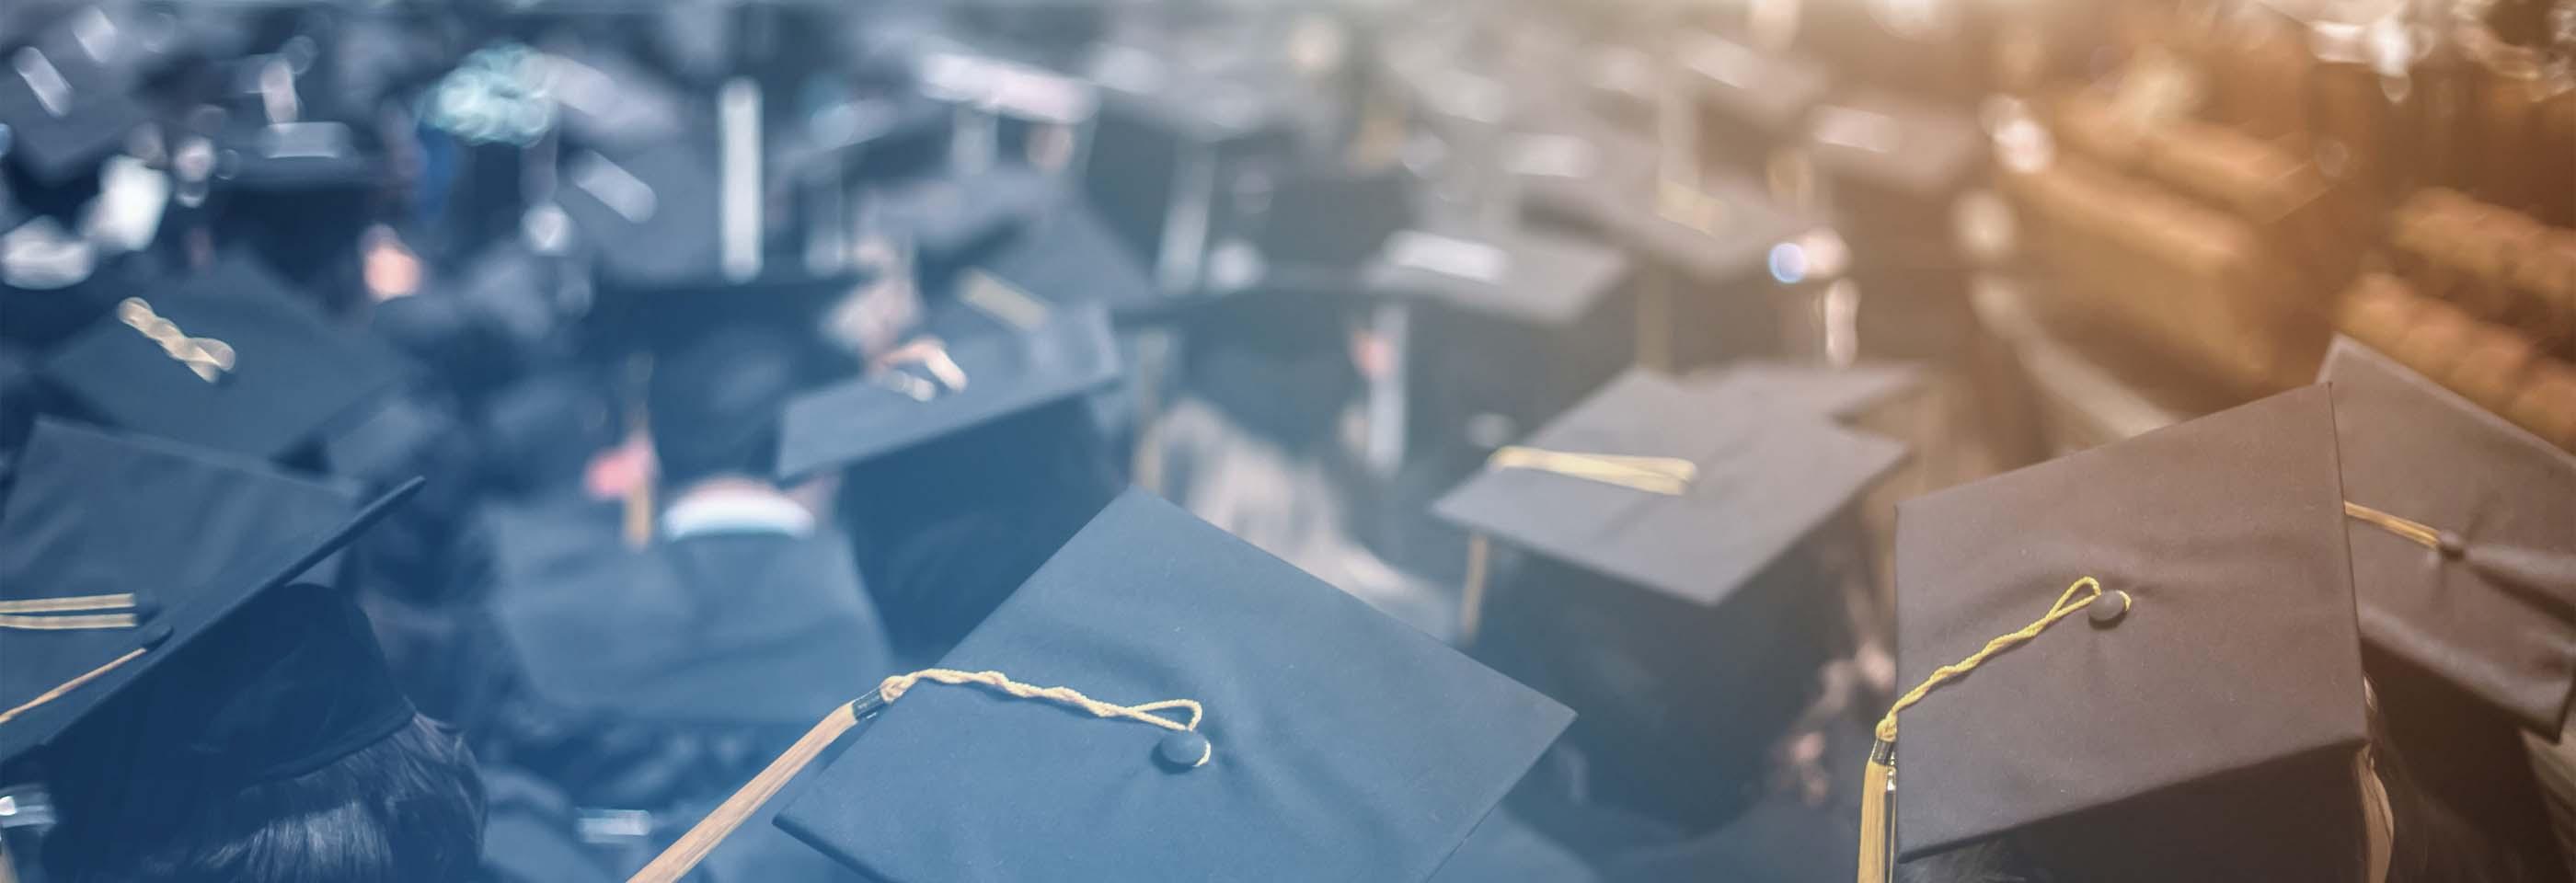 Study MBA from UK University at TSCFM